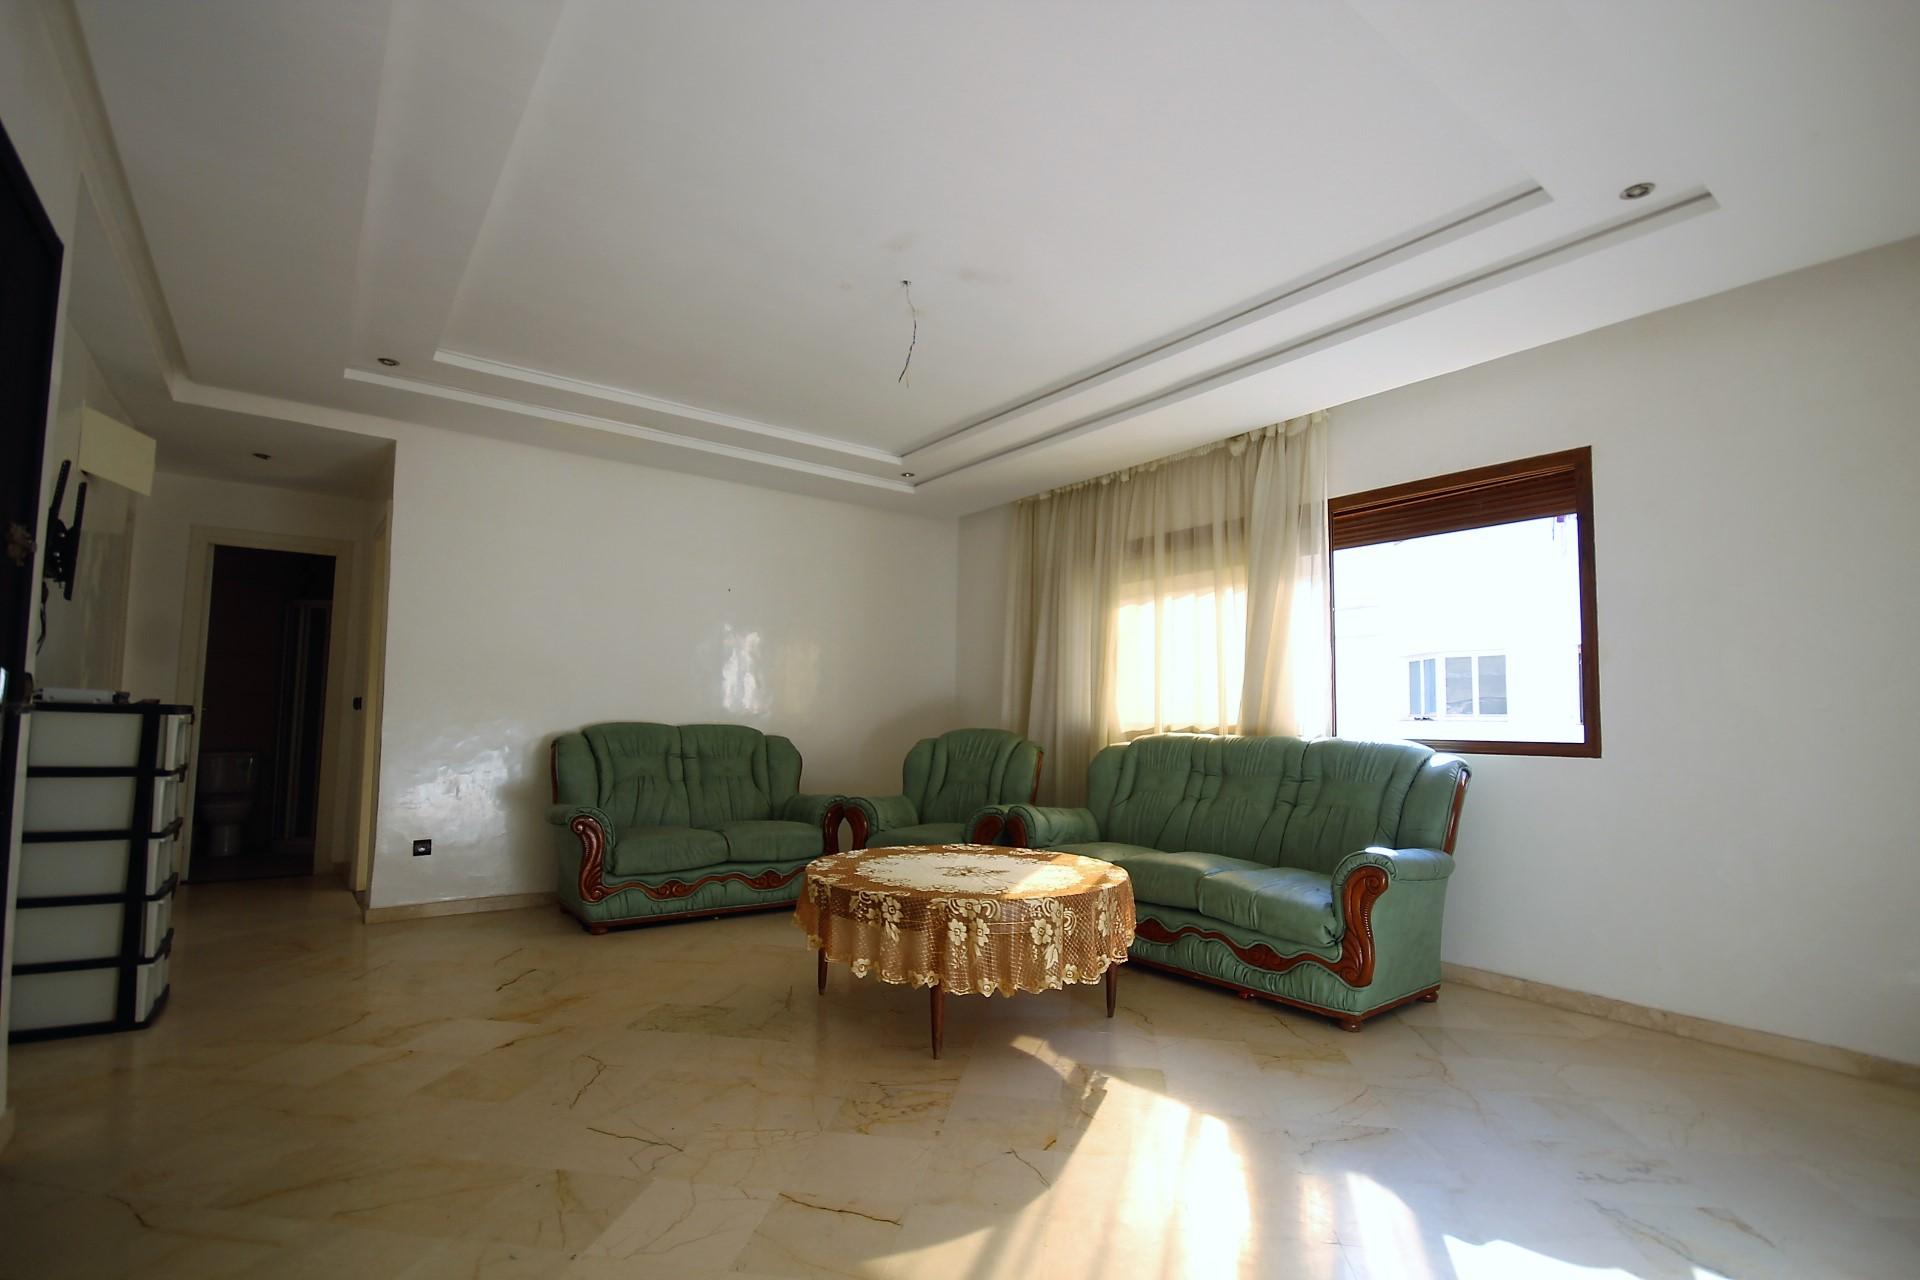 Maroc, Casablanca, Bourgogne              (Secteur de Venezia ice)                    Vend appartement meublé et equipé de 85 m² ensoleillé récent en étage élevé